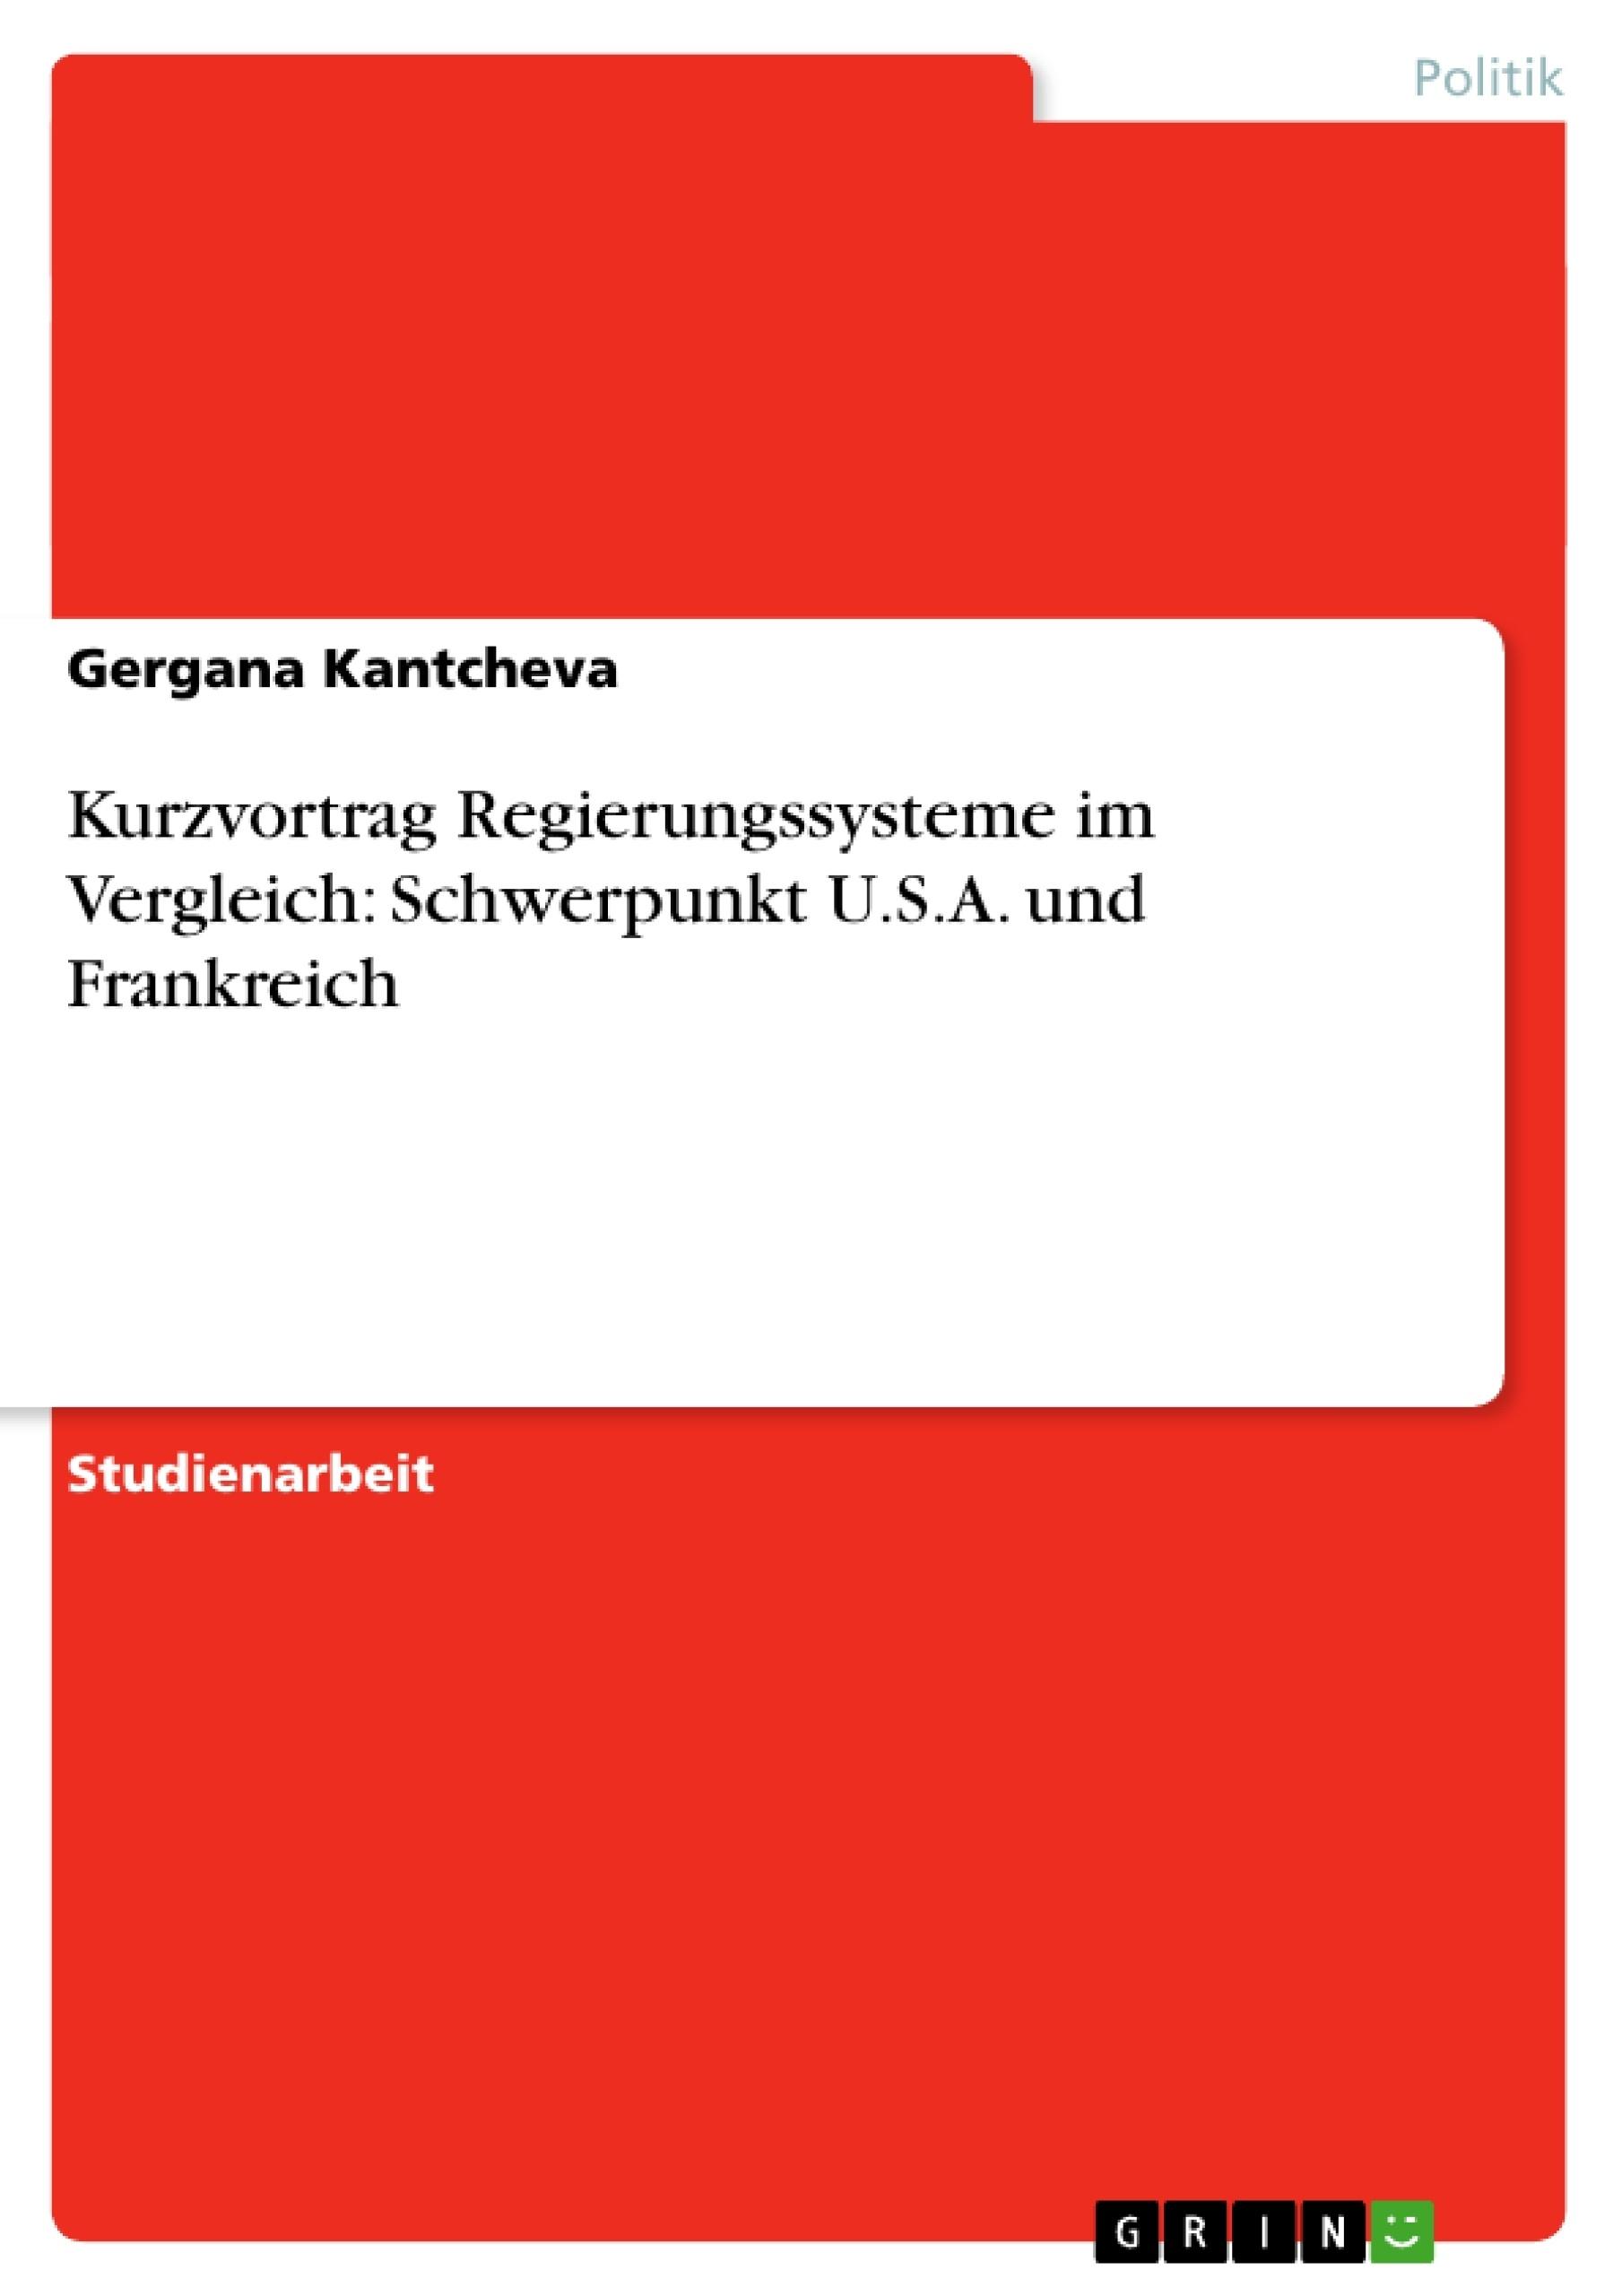 Titel: Kurzvortrag Regierungssysteme im Vergleich: Schwerpunkt U.S.A. und Frankreich